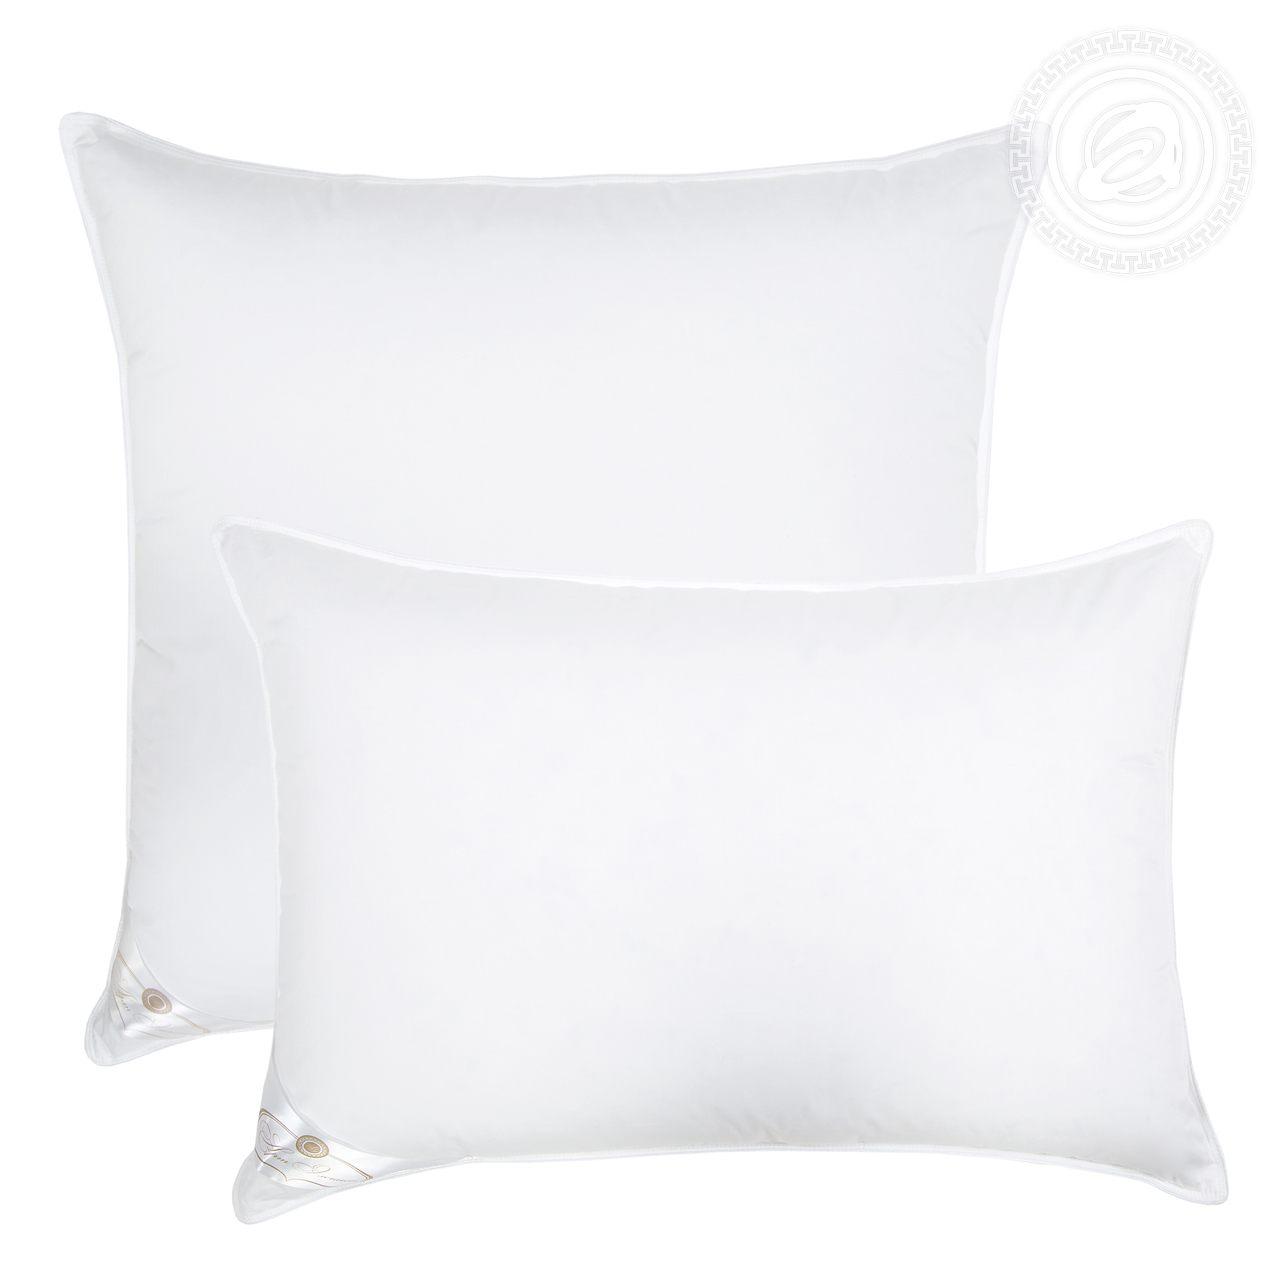 Пуховая подушка высокая Ника Артпостель